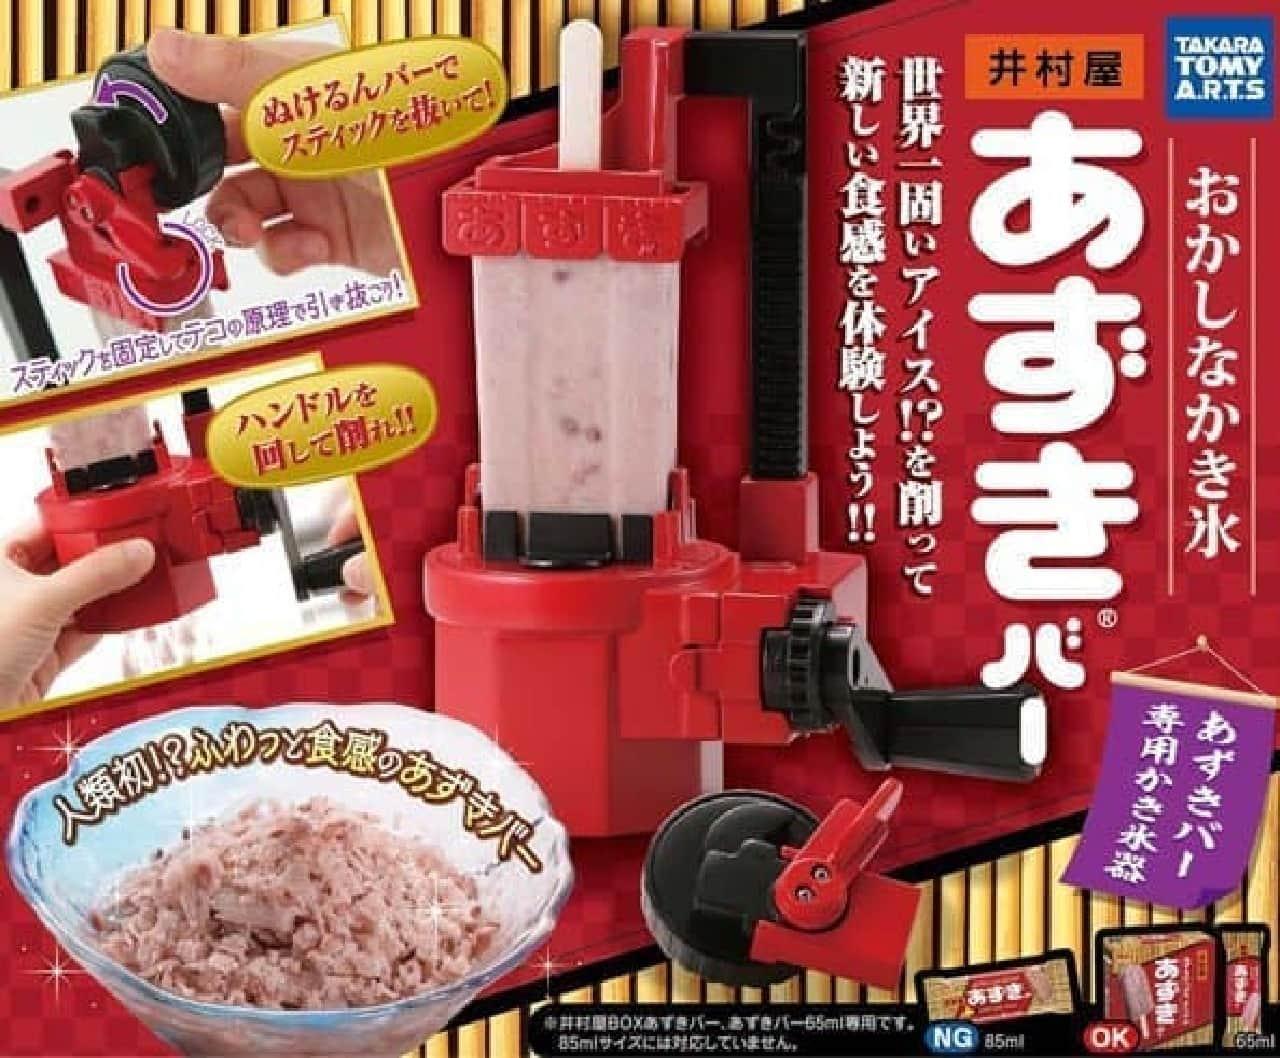 タカラトミーアーツ「おかしなカキ氷 井村屋 あずきバー」